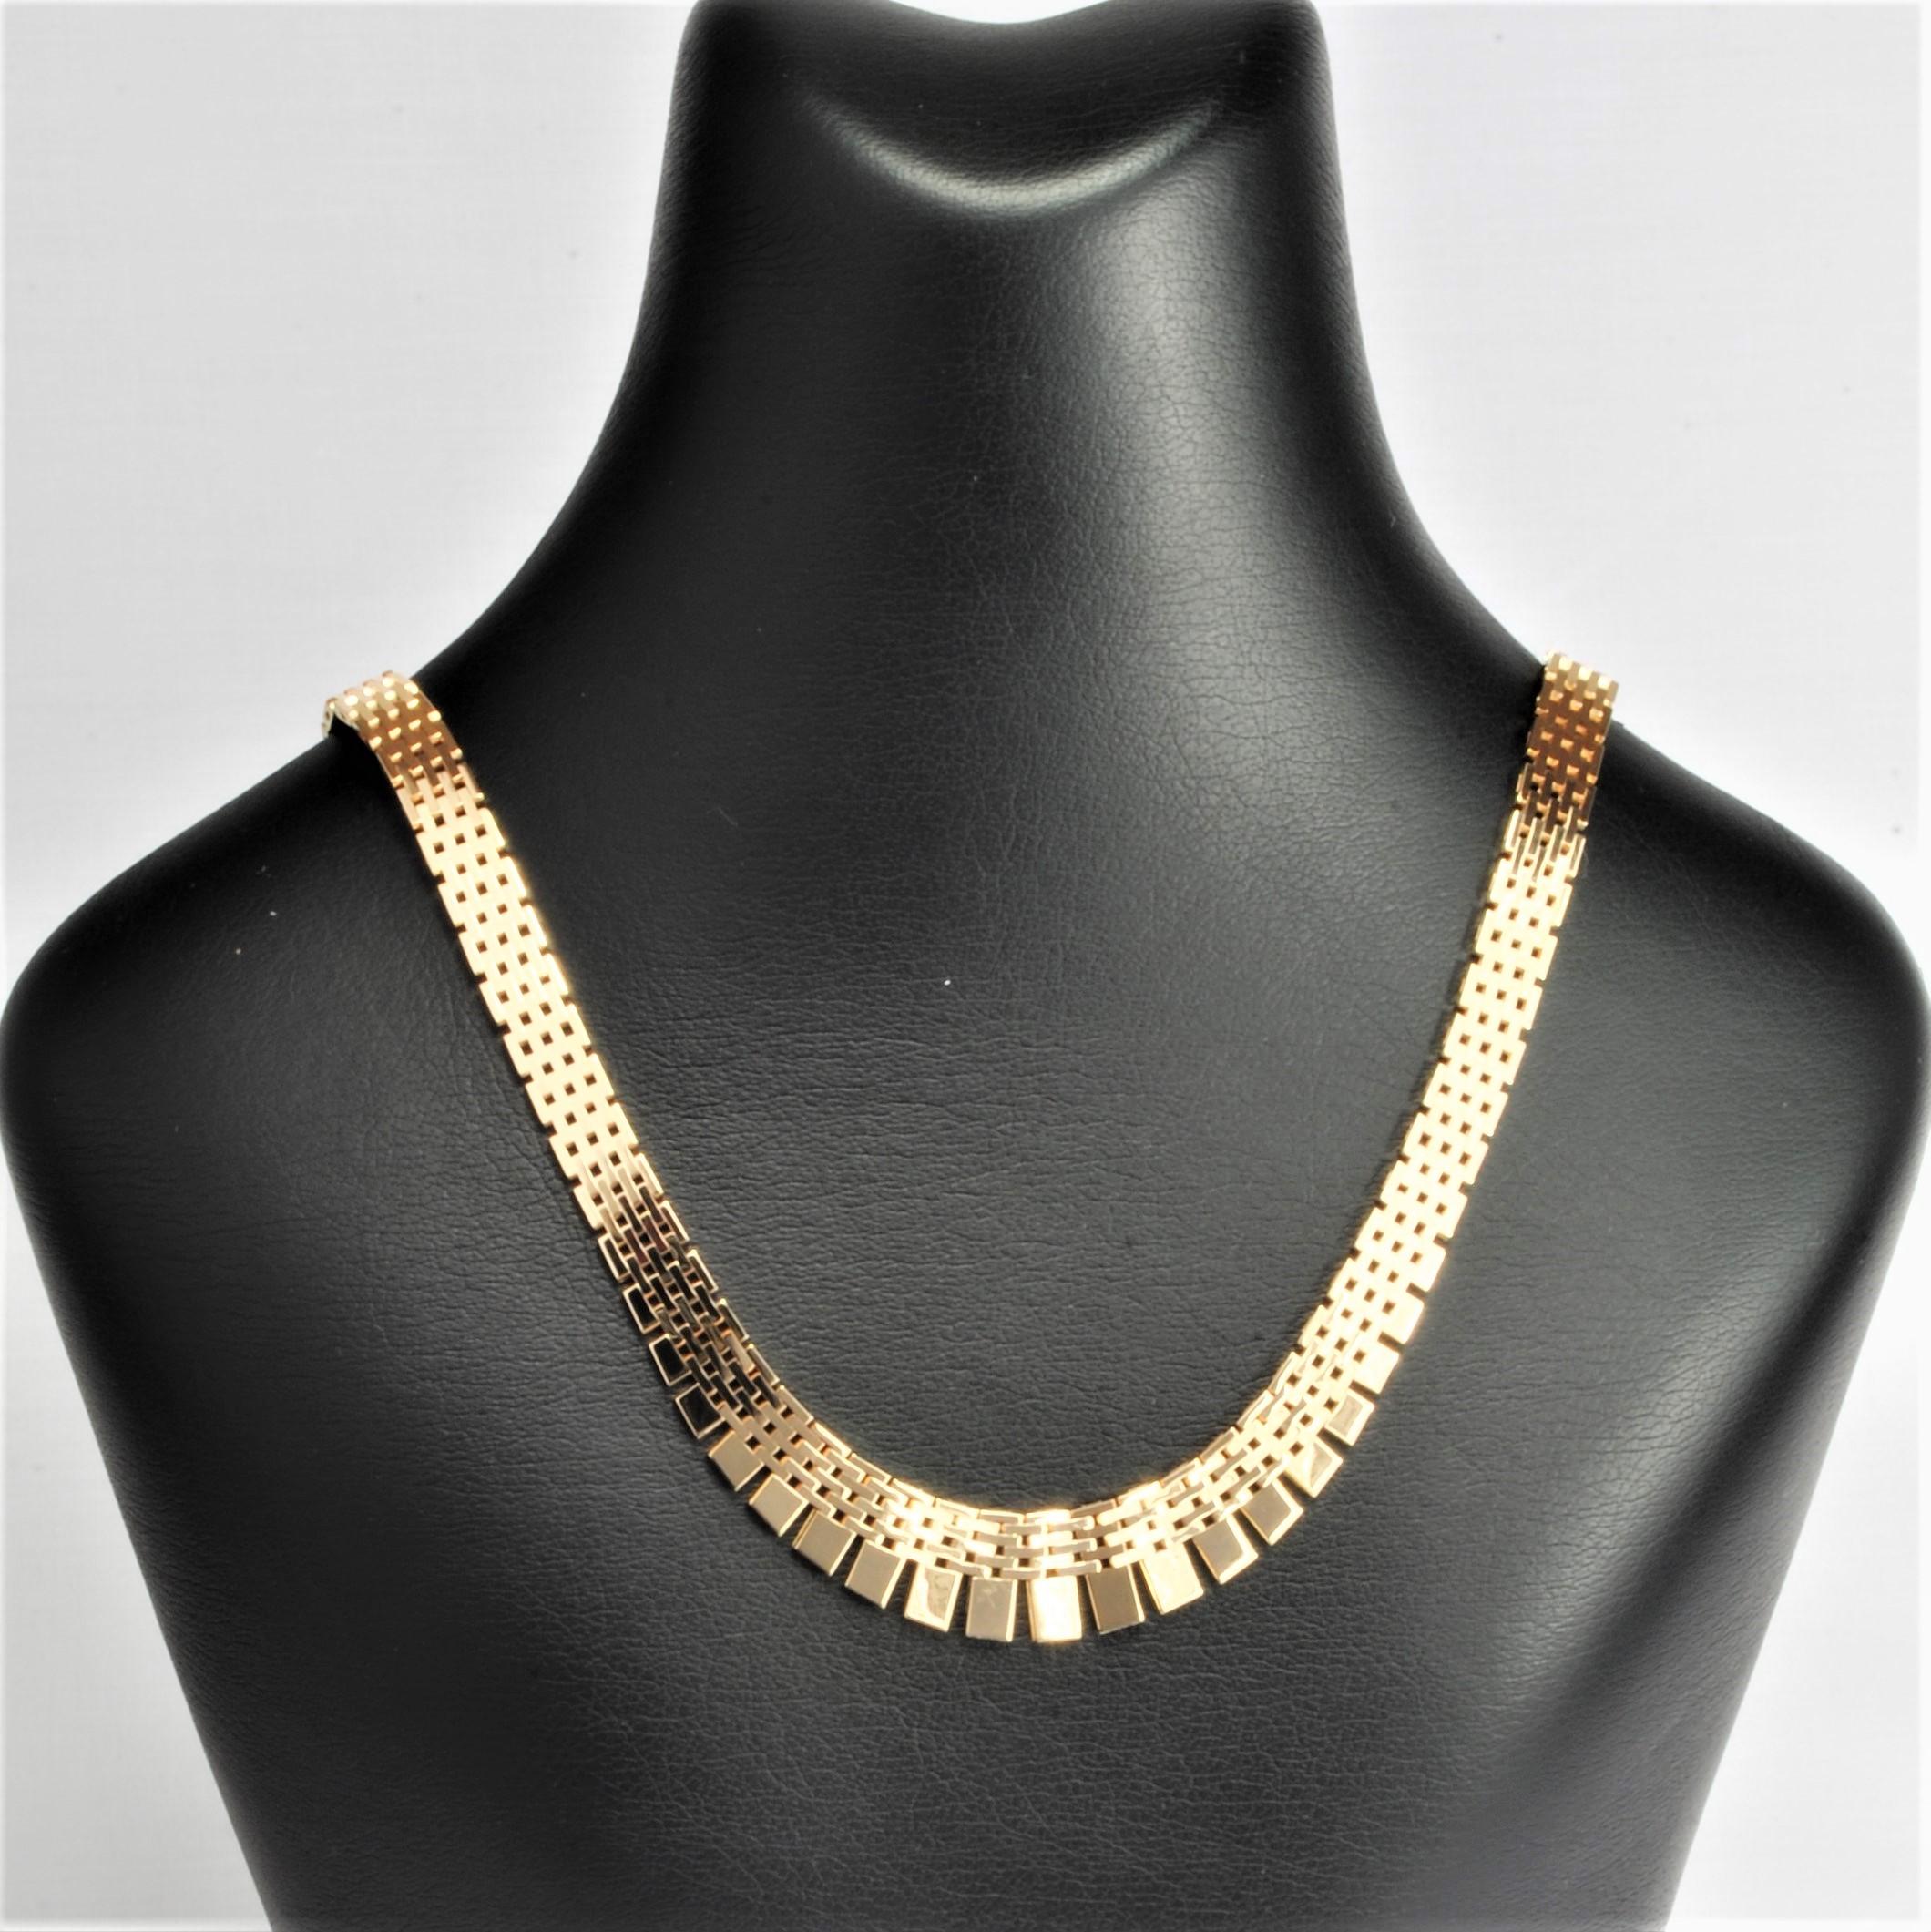 0364278efb39 14 kt Guld Mursten halskæde med forløb 42 cm - Ure-smykker din ...